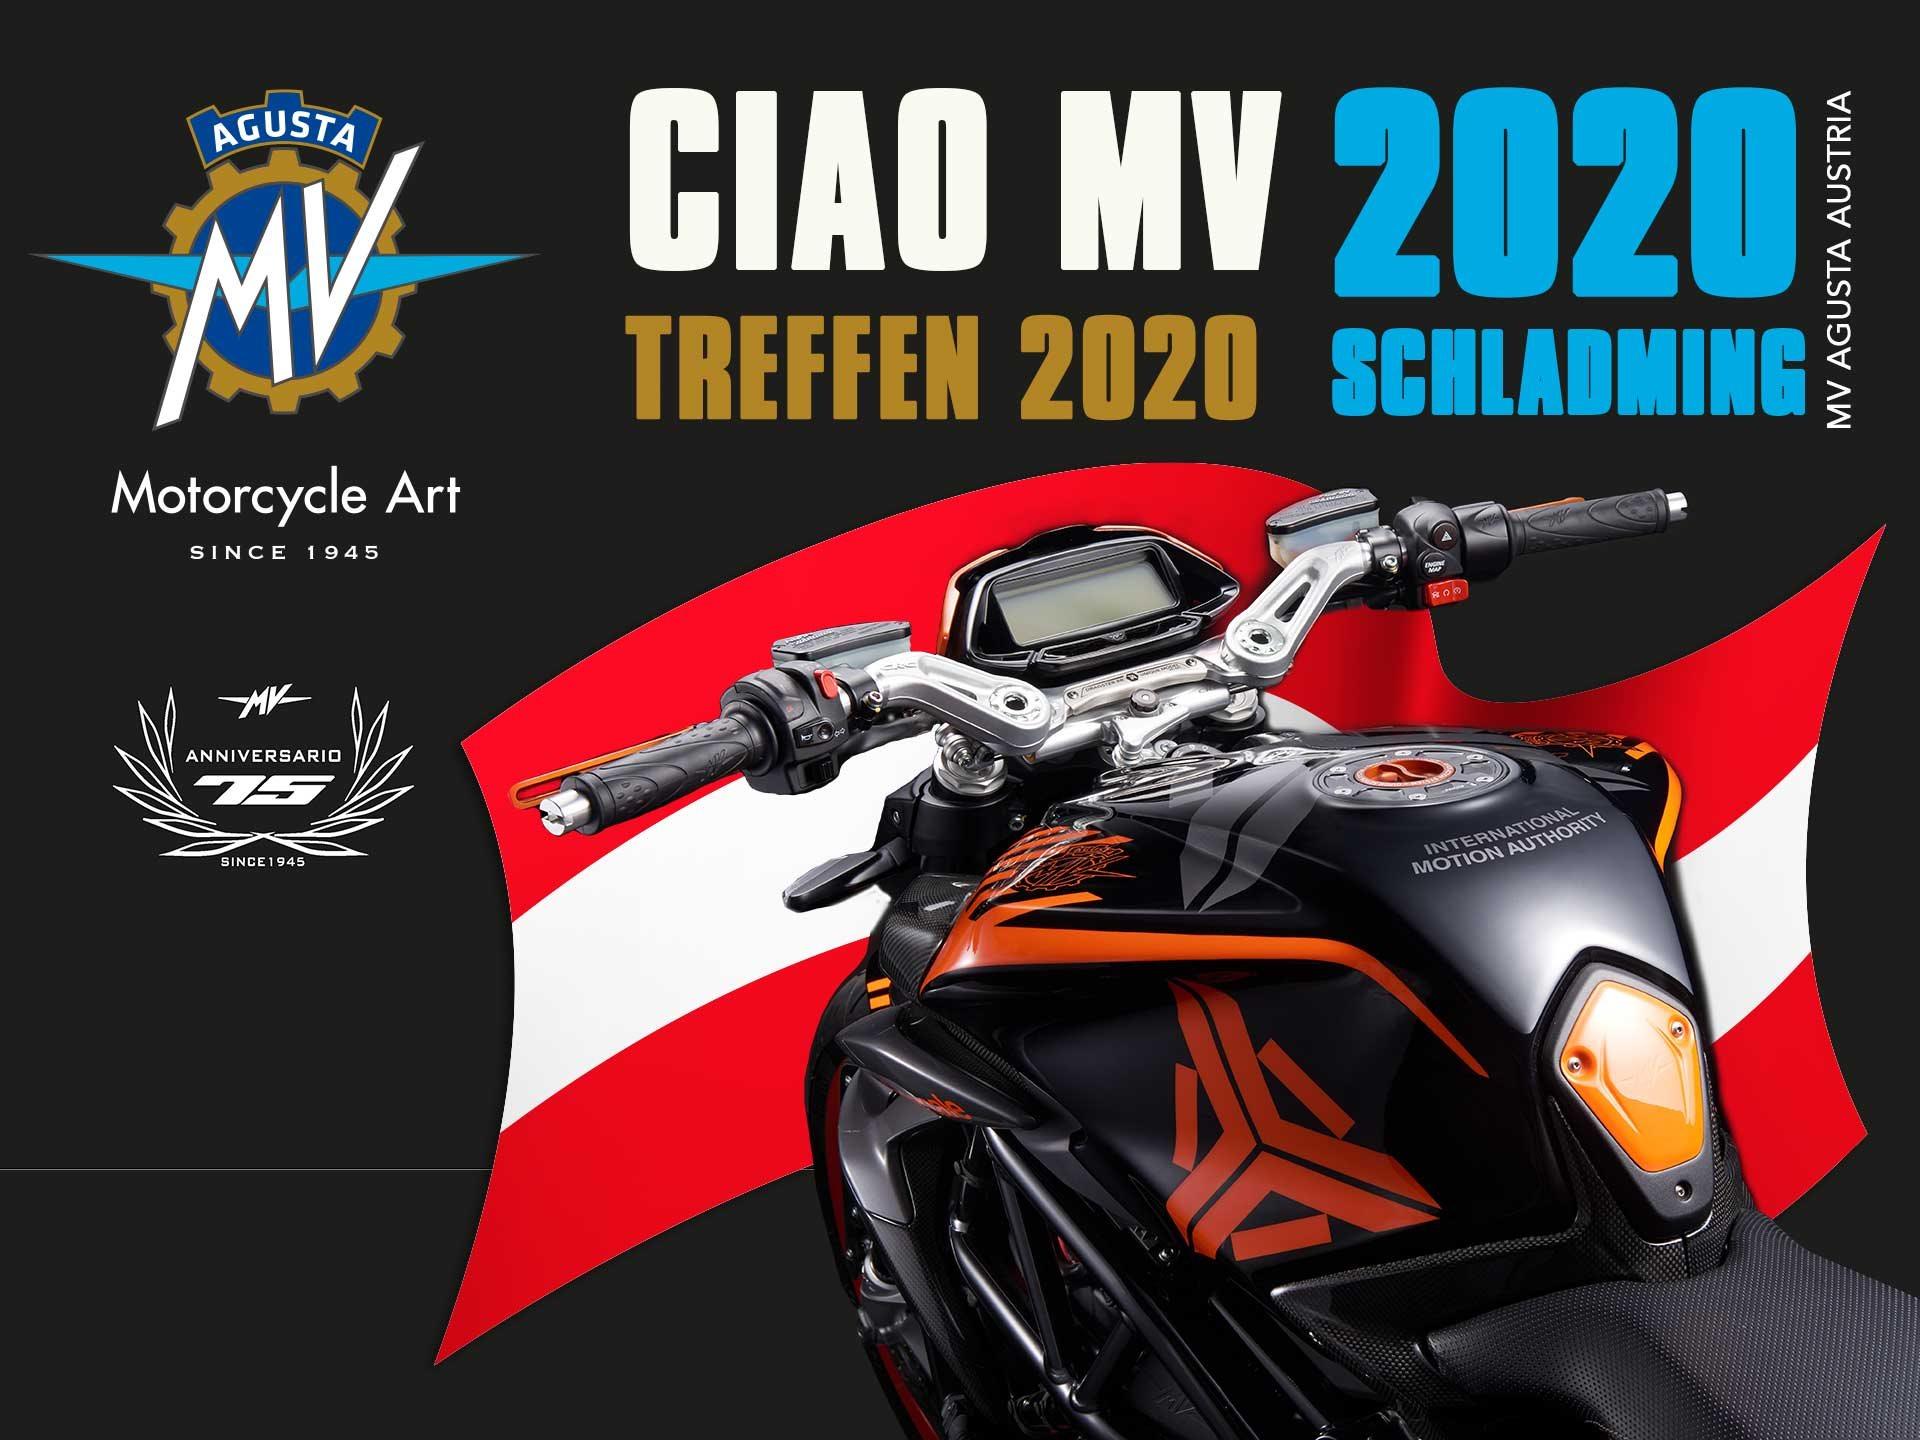 Motorrad-Treffen: Wenn die Harleys wieder durch Schladming